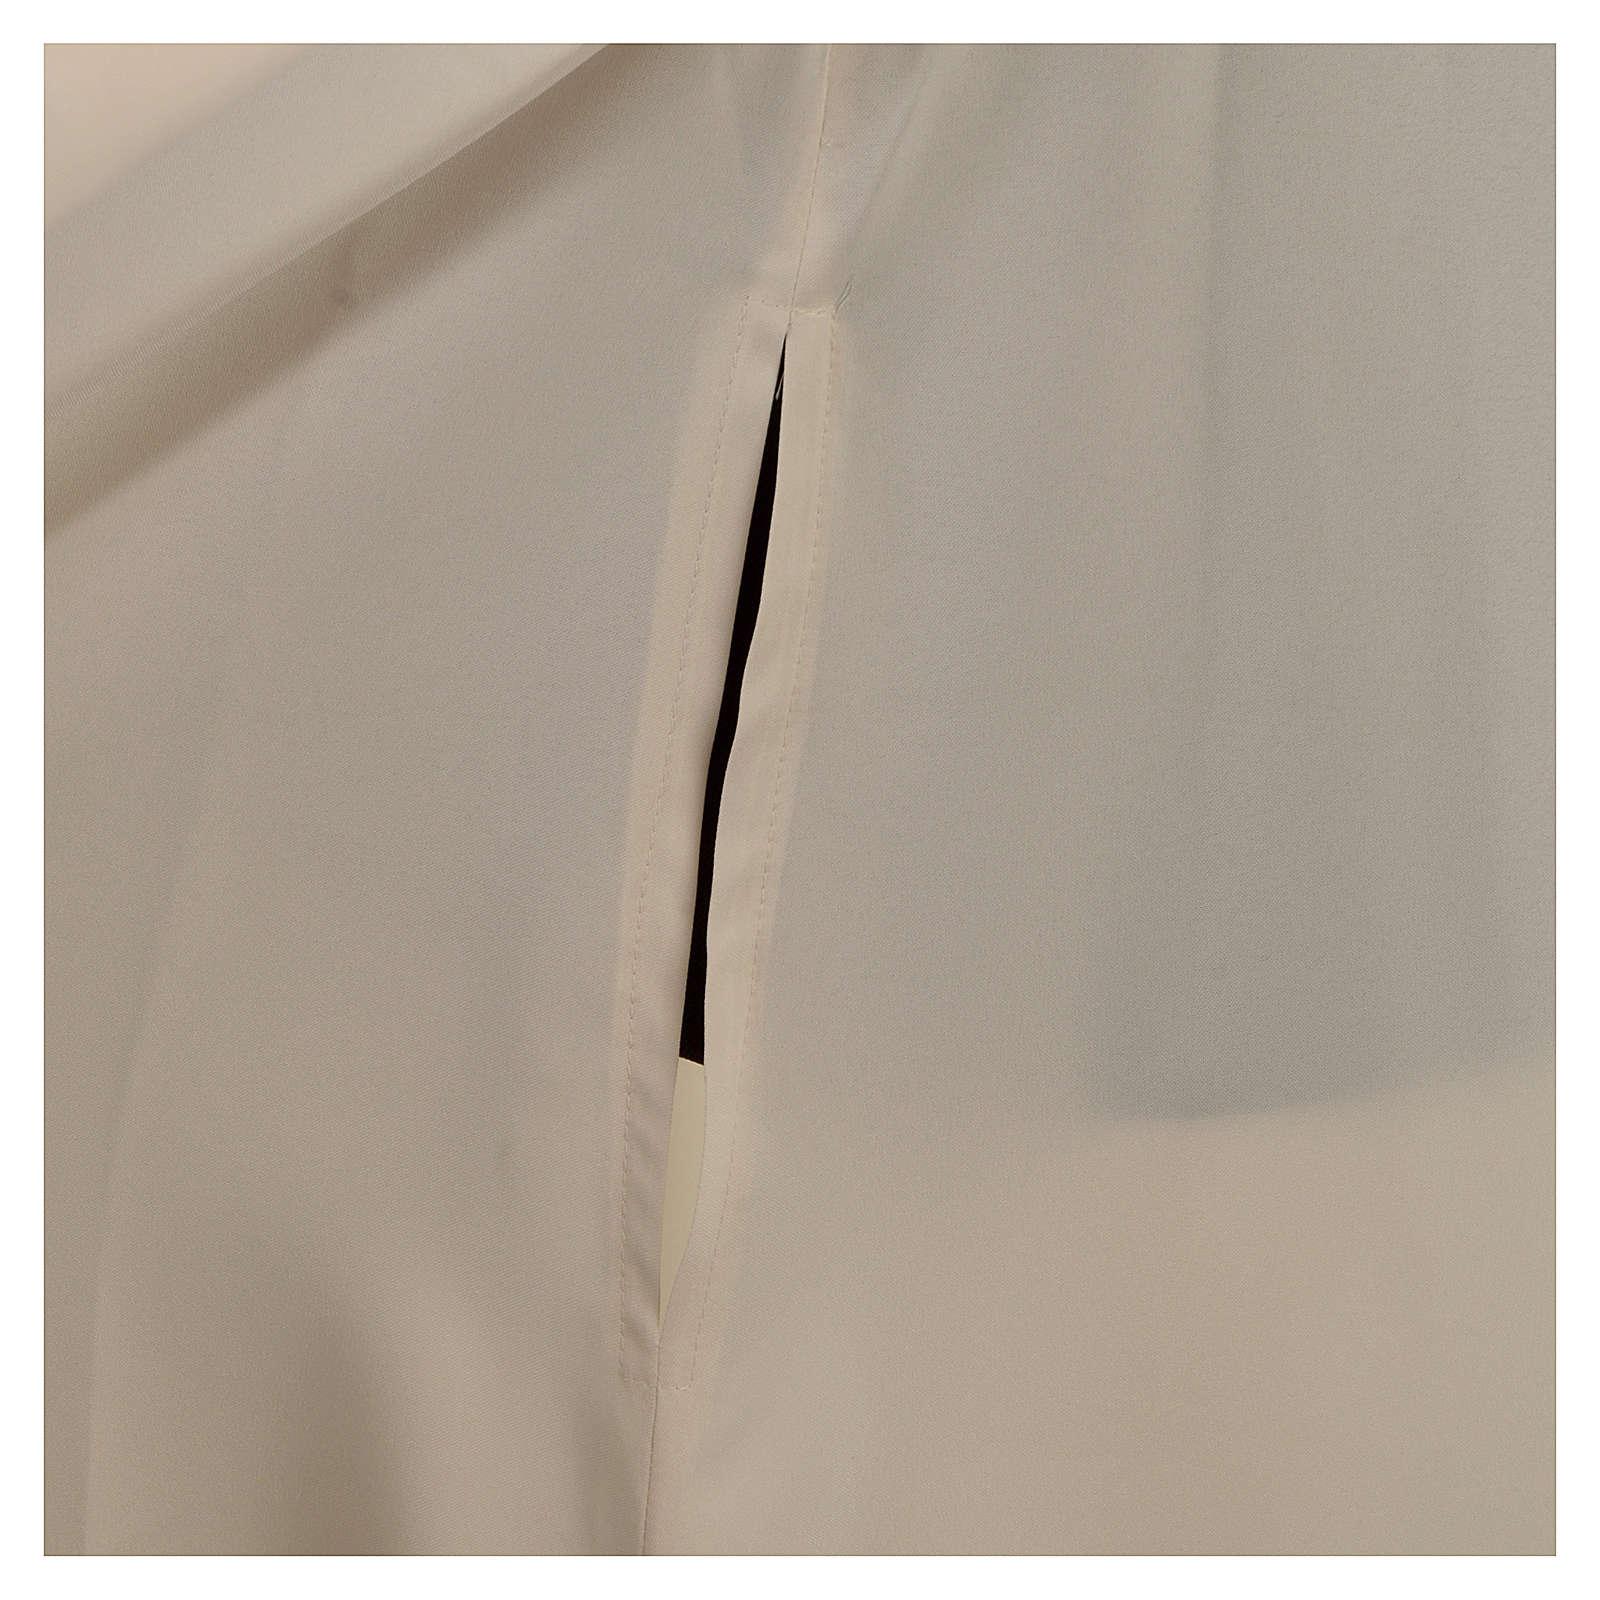 Camice avorio microfibra poliestere svasato colletto listino cerniera davanti 4